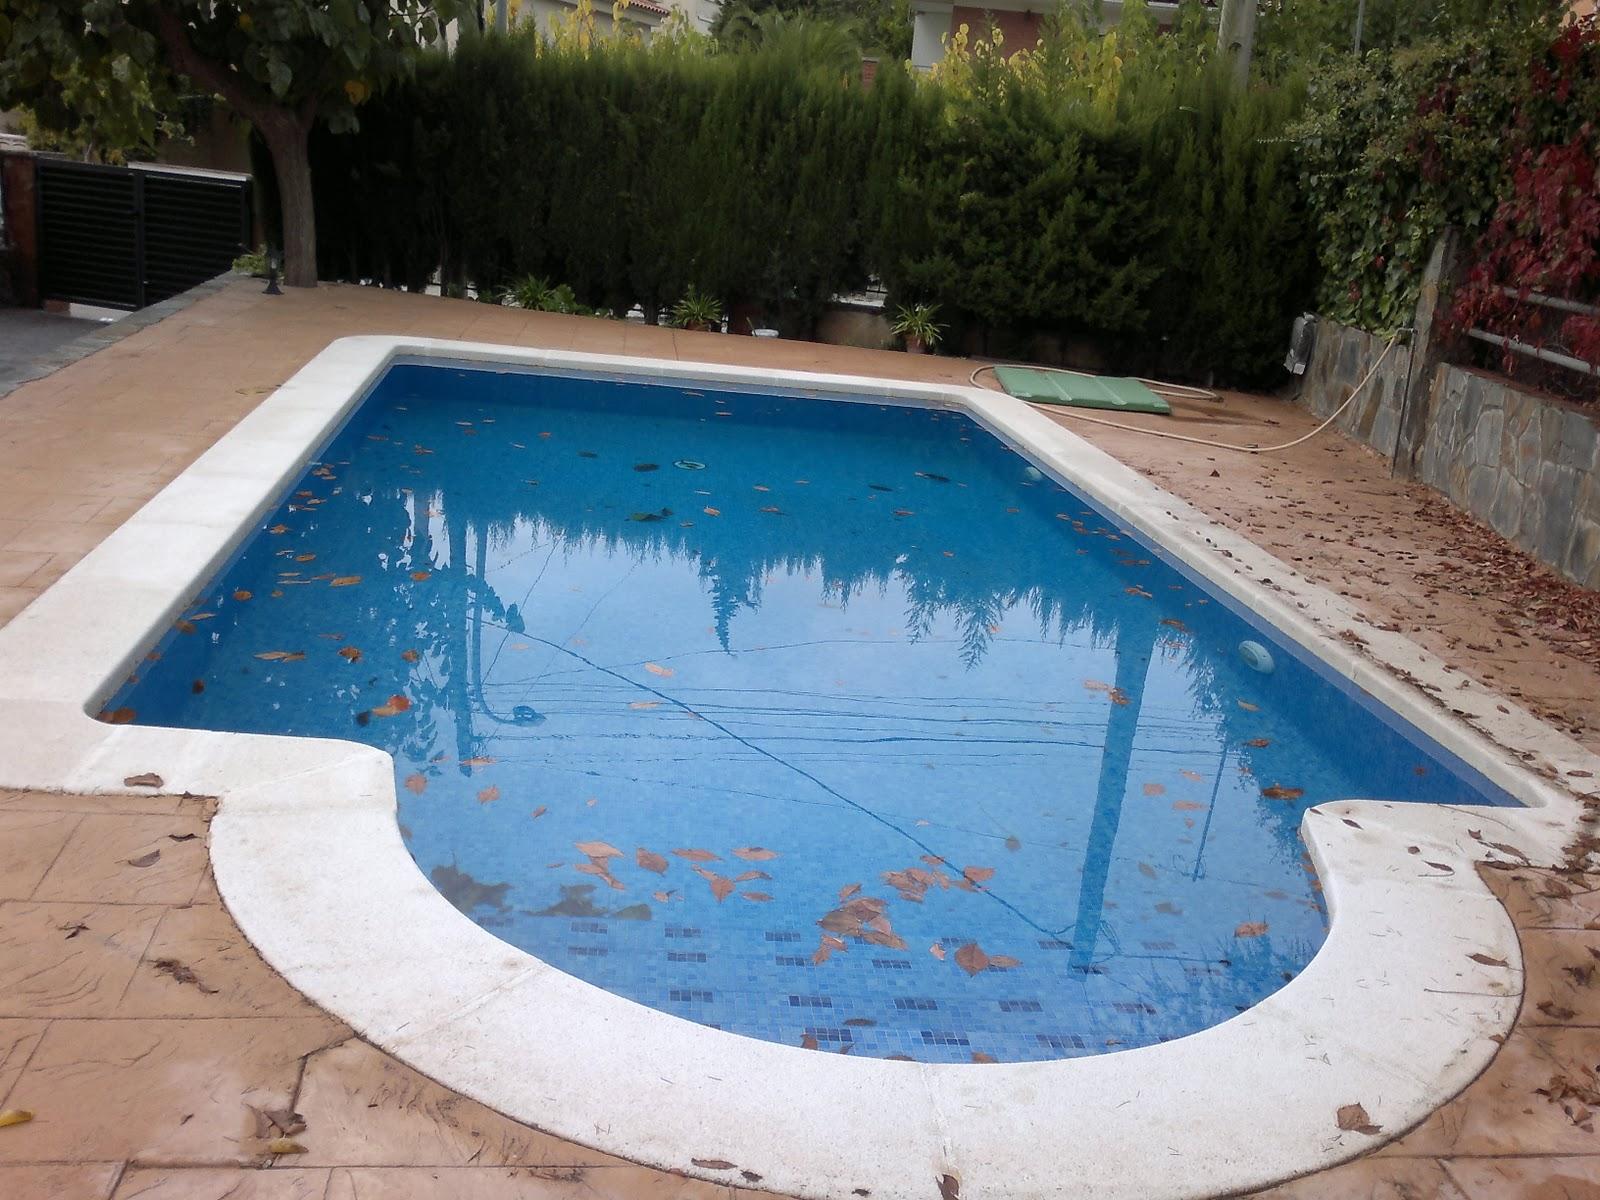 Toldos campos cobertor de piscina tensado for Toldos para piscinas